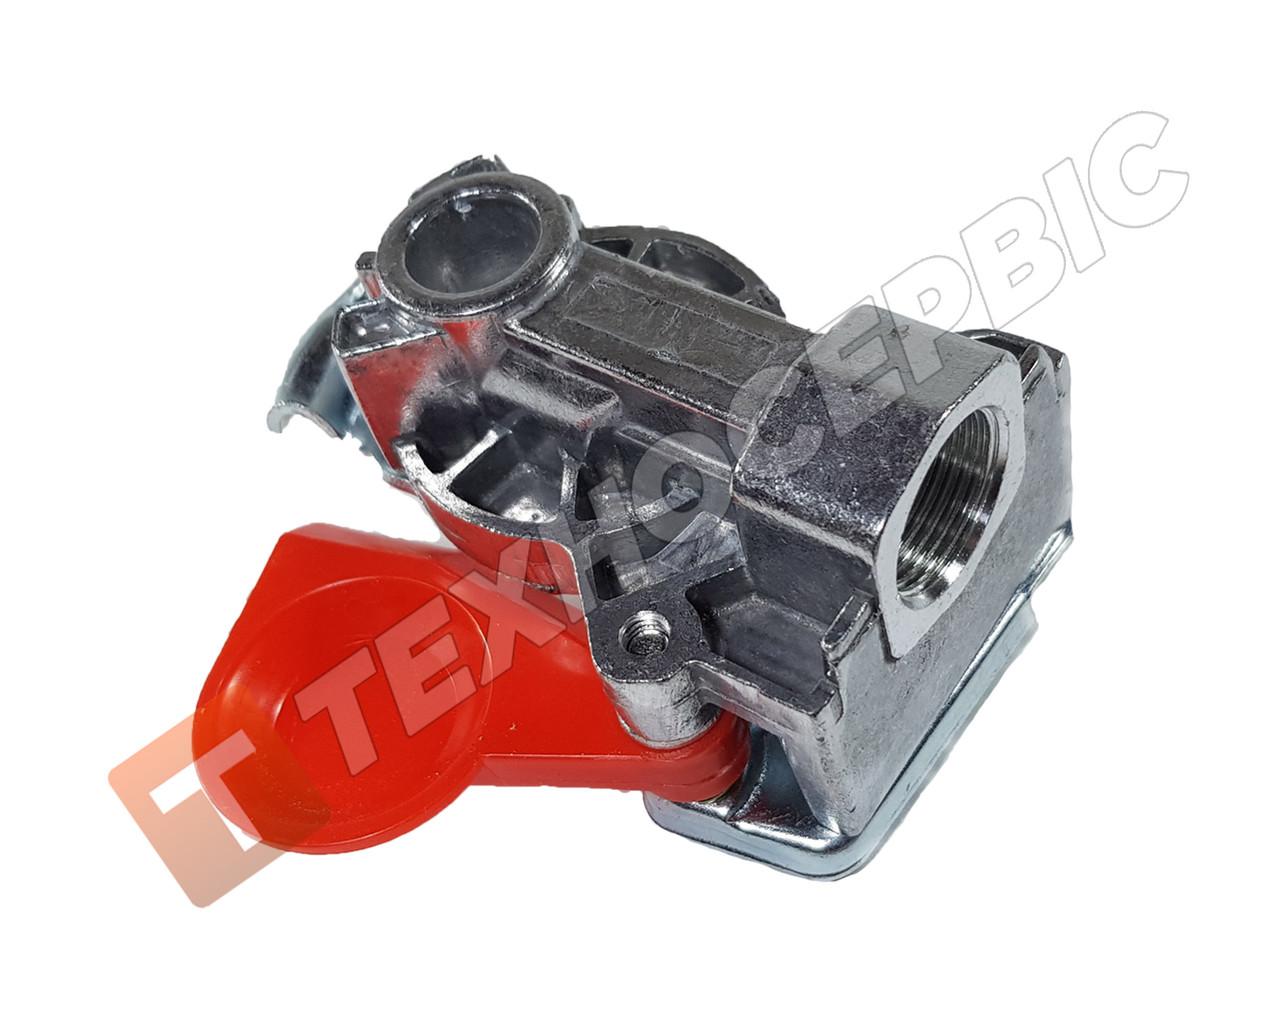 Головка соединительная М22х1.5 стандарт без клапана красная (4522000110) Турция